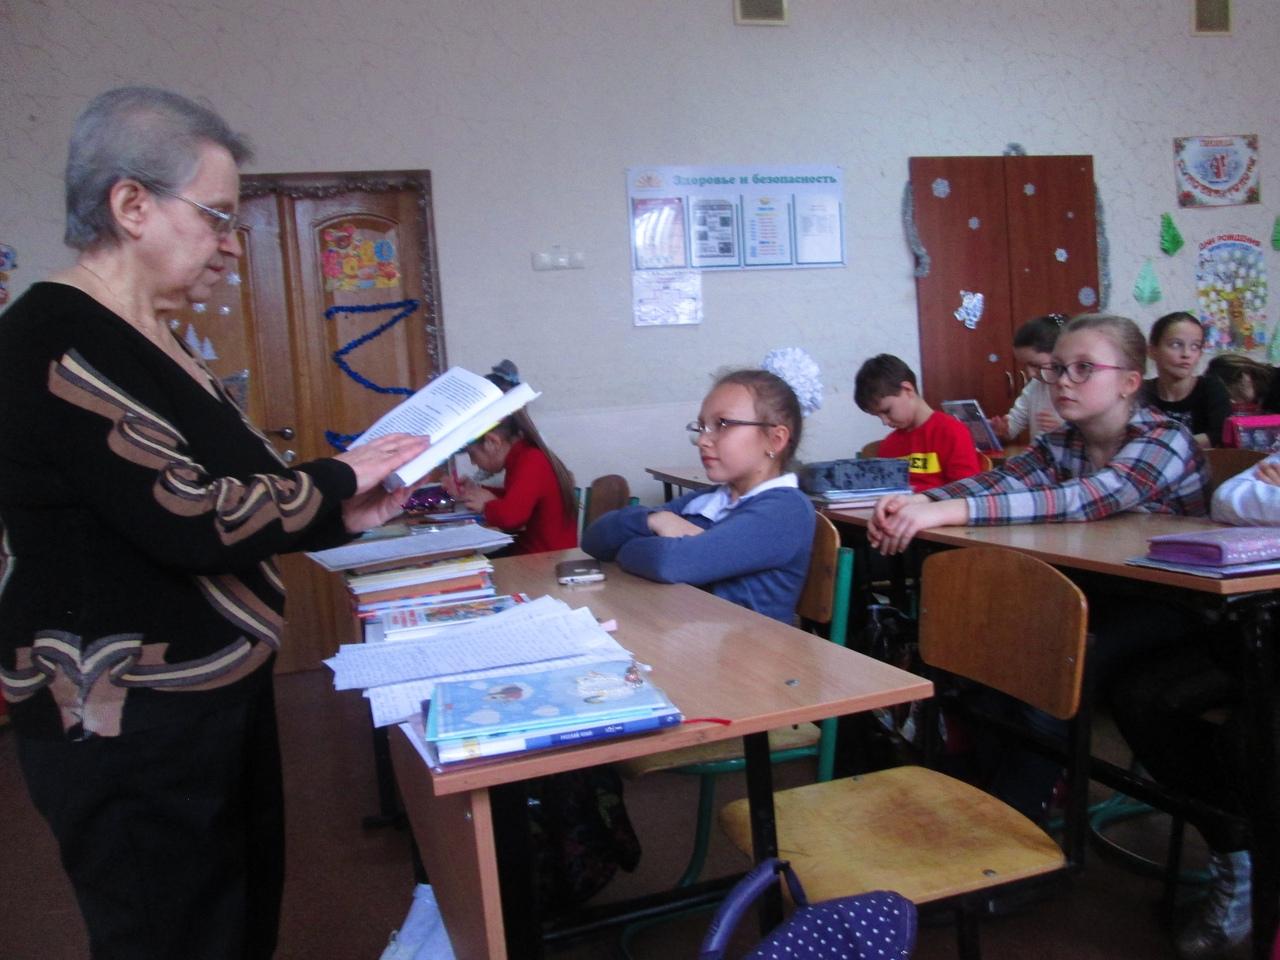 донецкая республиканская библиотека для детей, отдел обслуживания учащихся 5-9 классов, с библиотекой интересно, детям обо всем на свете, новый год шагает по планете